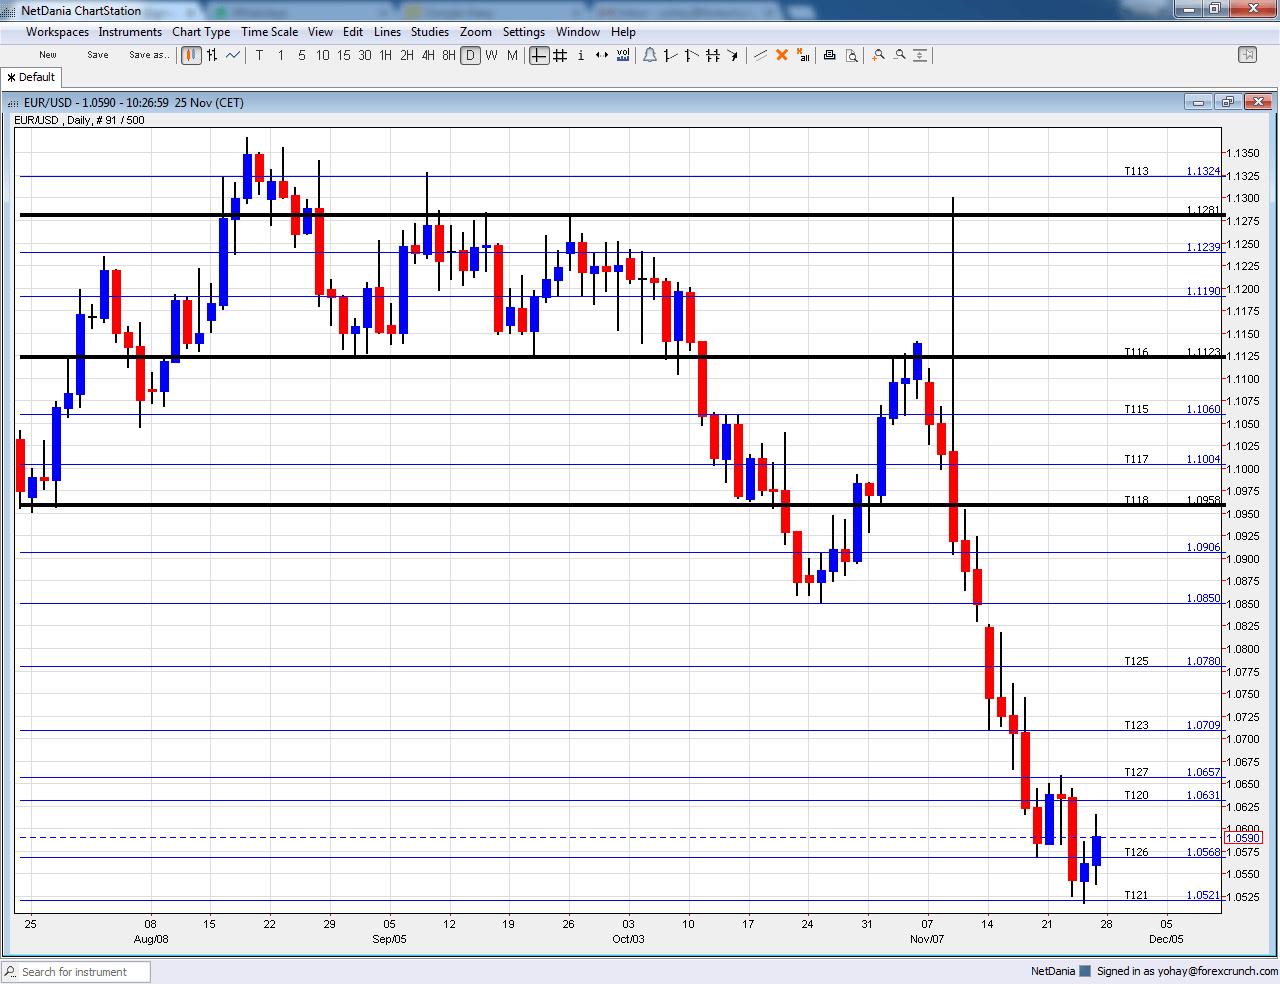 eurusd-technical-analysis-december-2016-chart